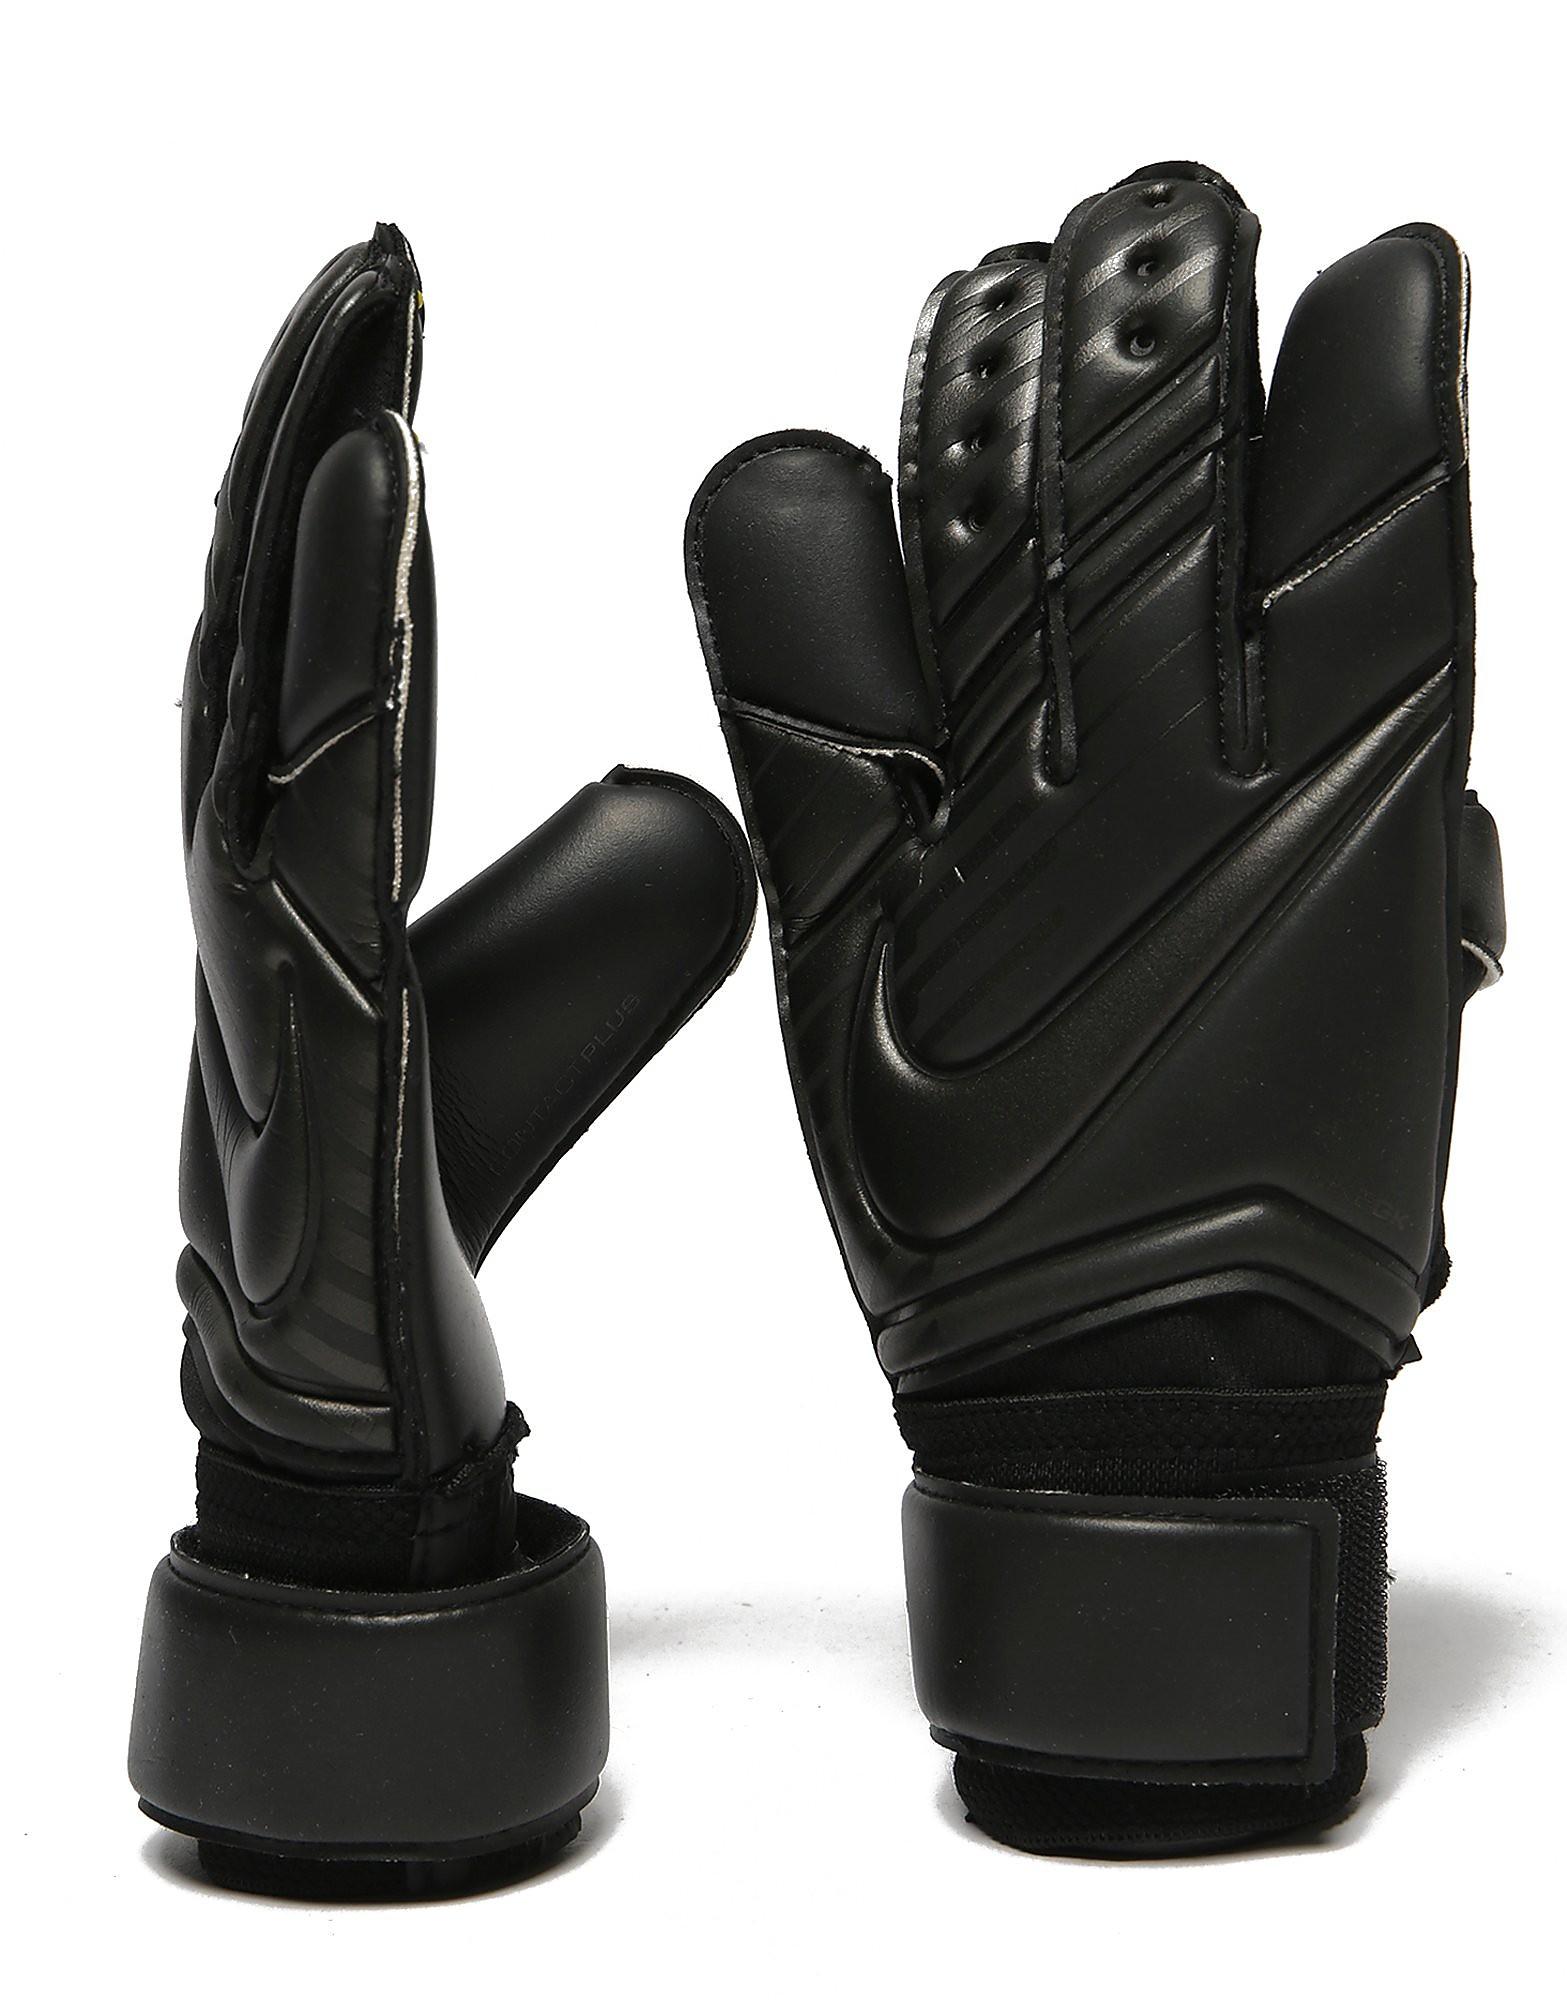 Nike Gants Vapor Grip3 Goalkeeping